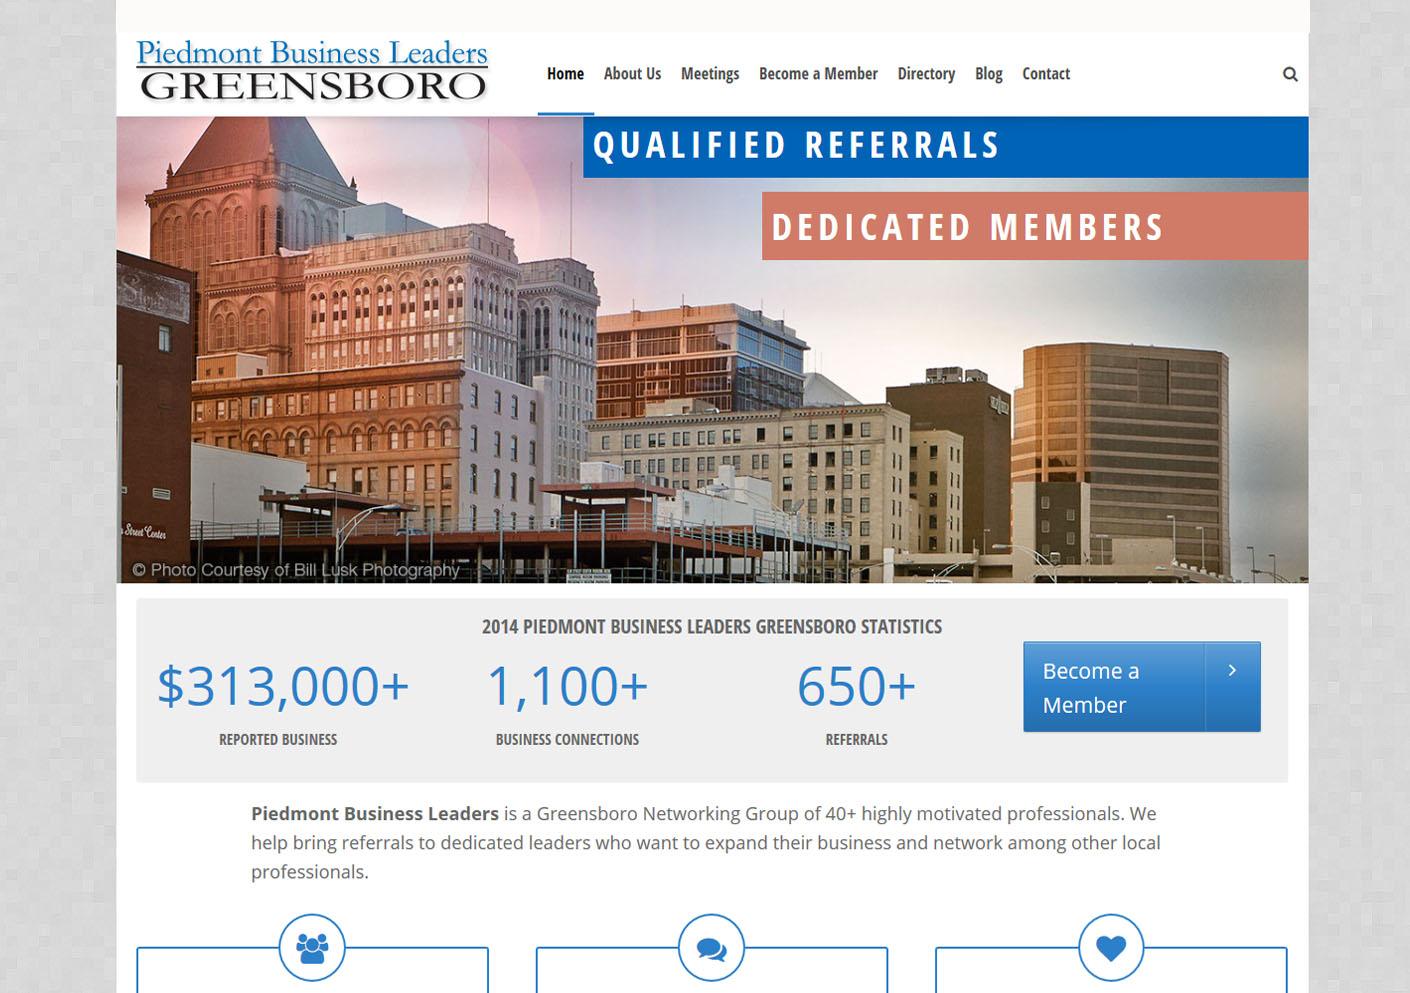 PBLOFGSO.com